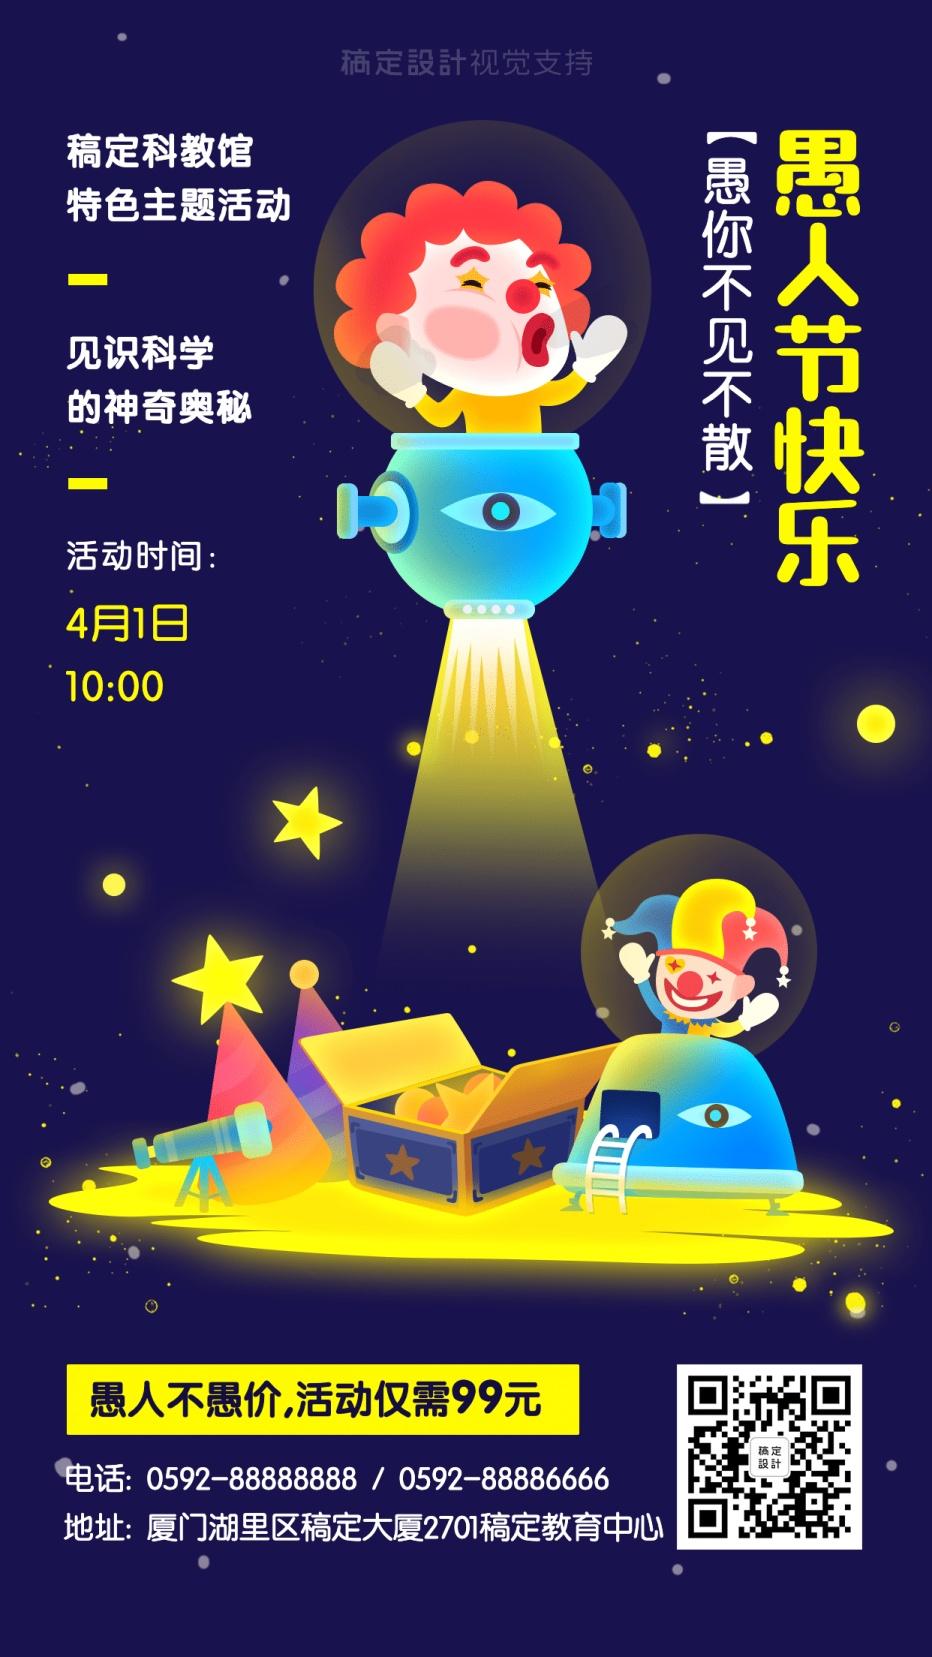 愚人节幼儿科学活动宣传海报